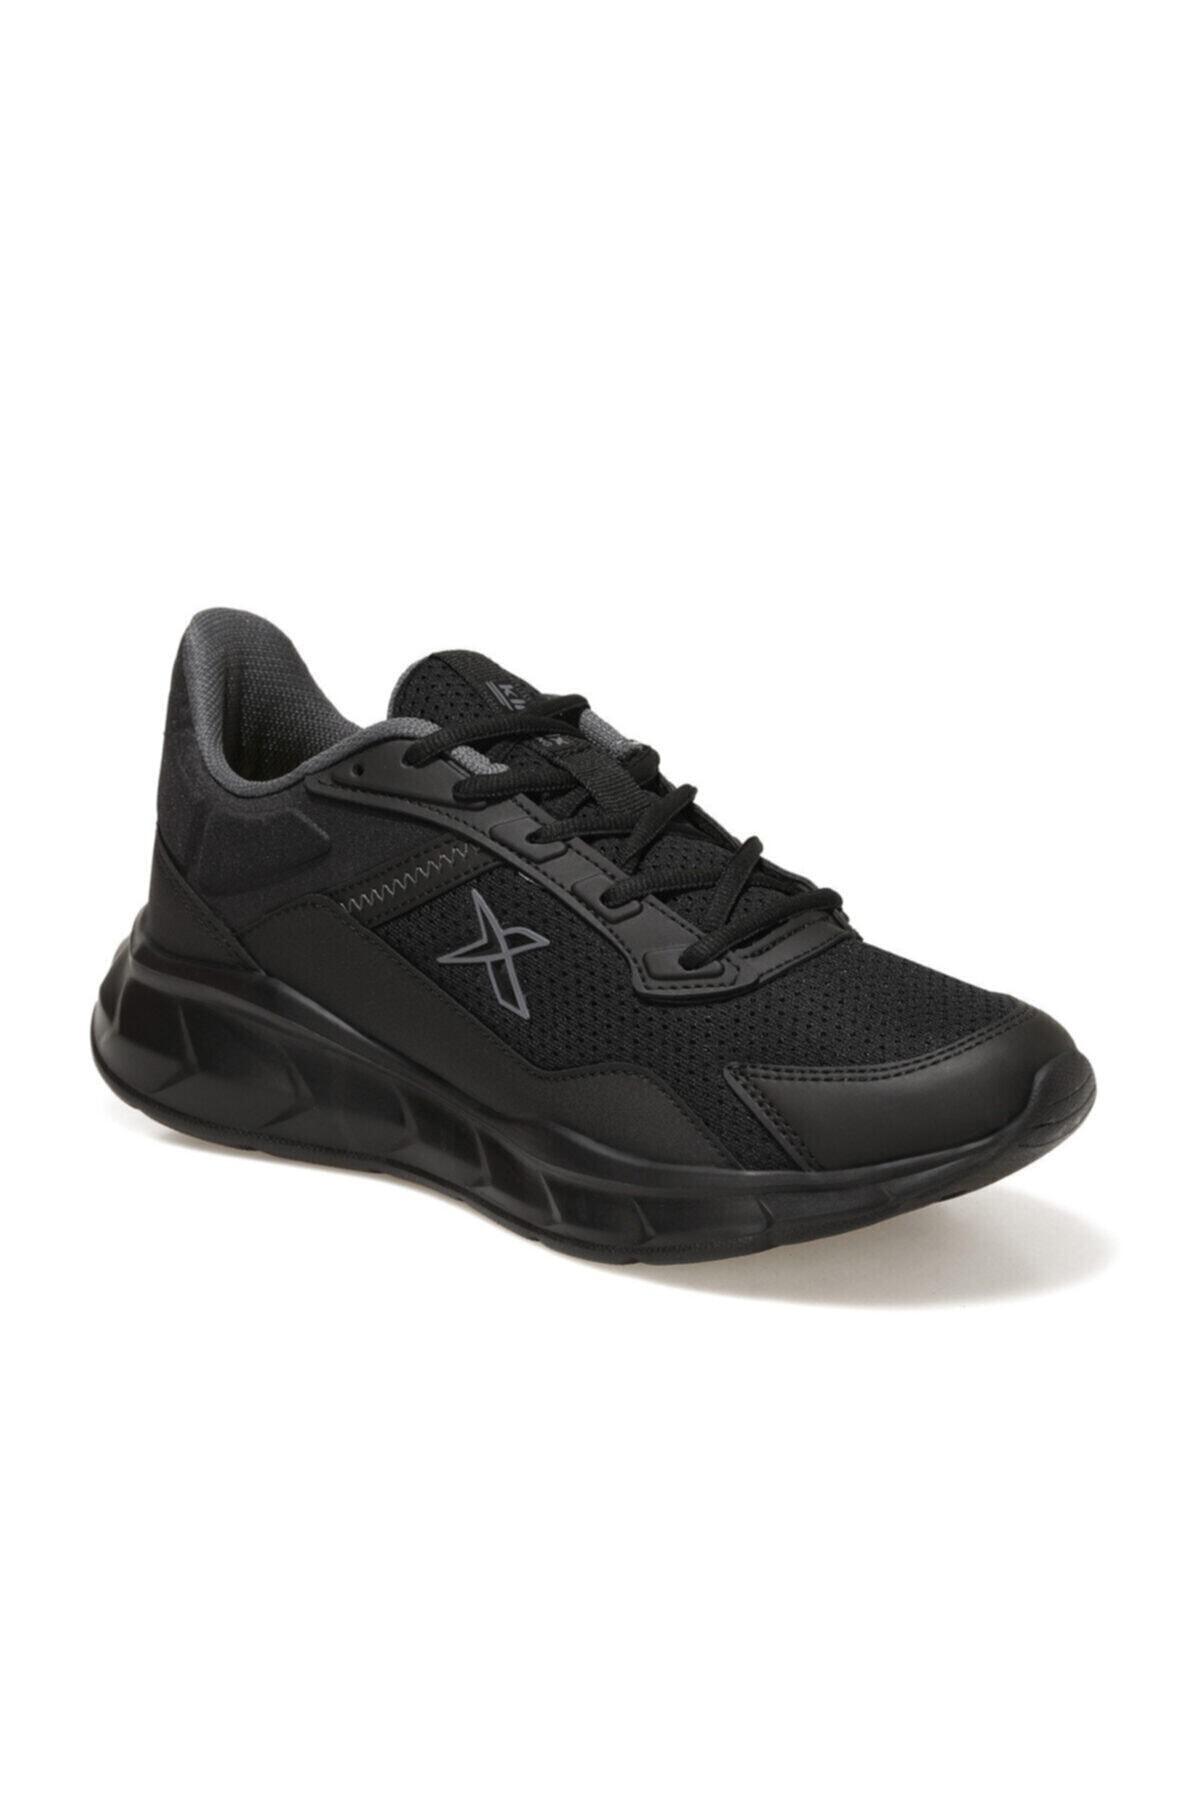 Darıus 1fx Siyah Erkek Koşu Ayakkabısı